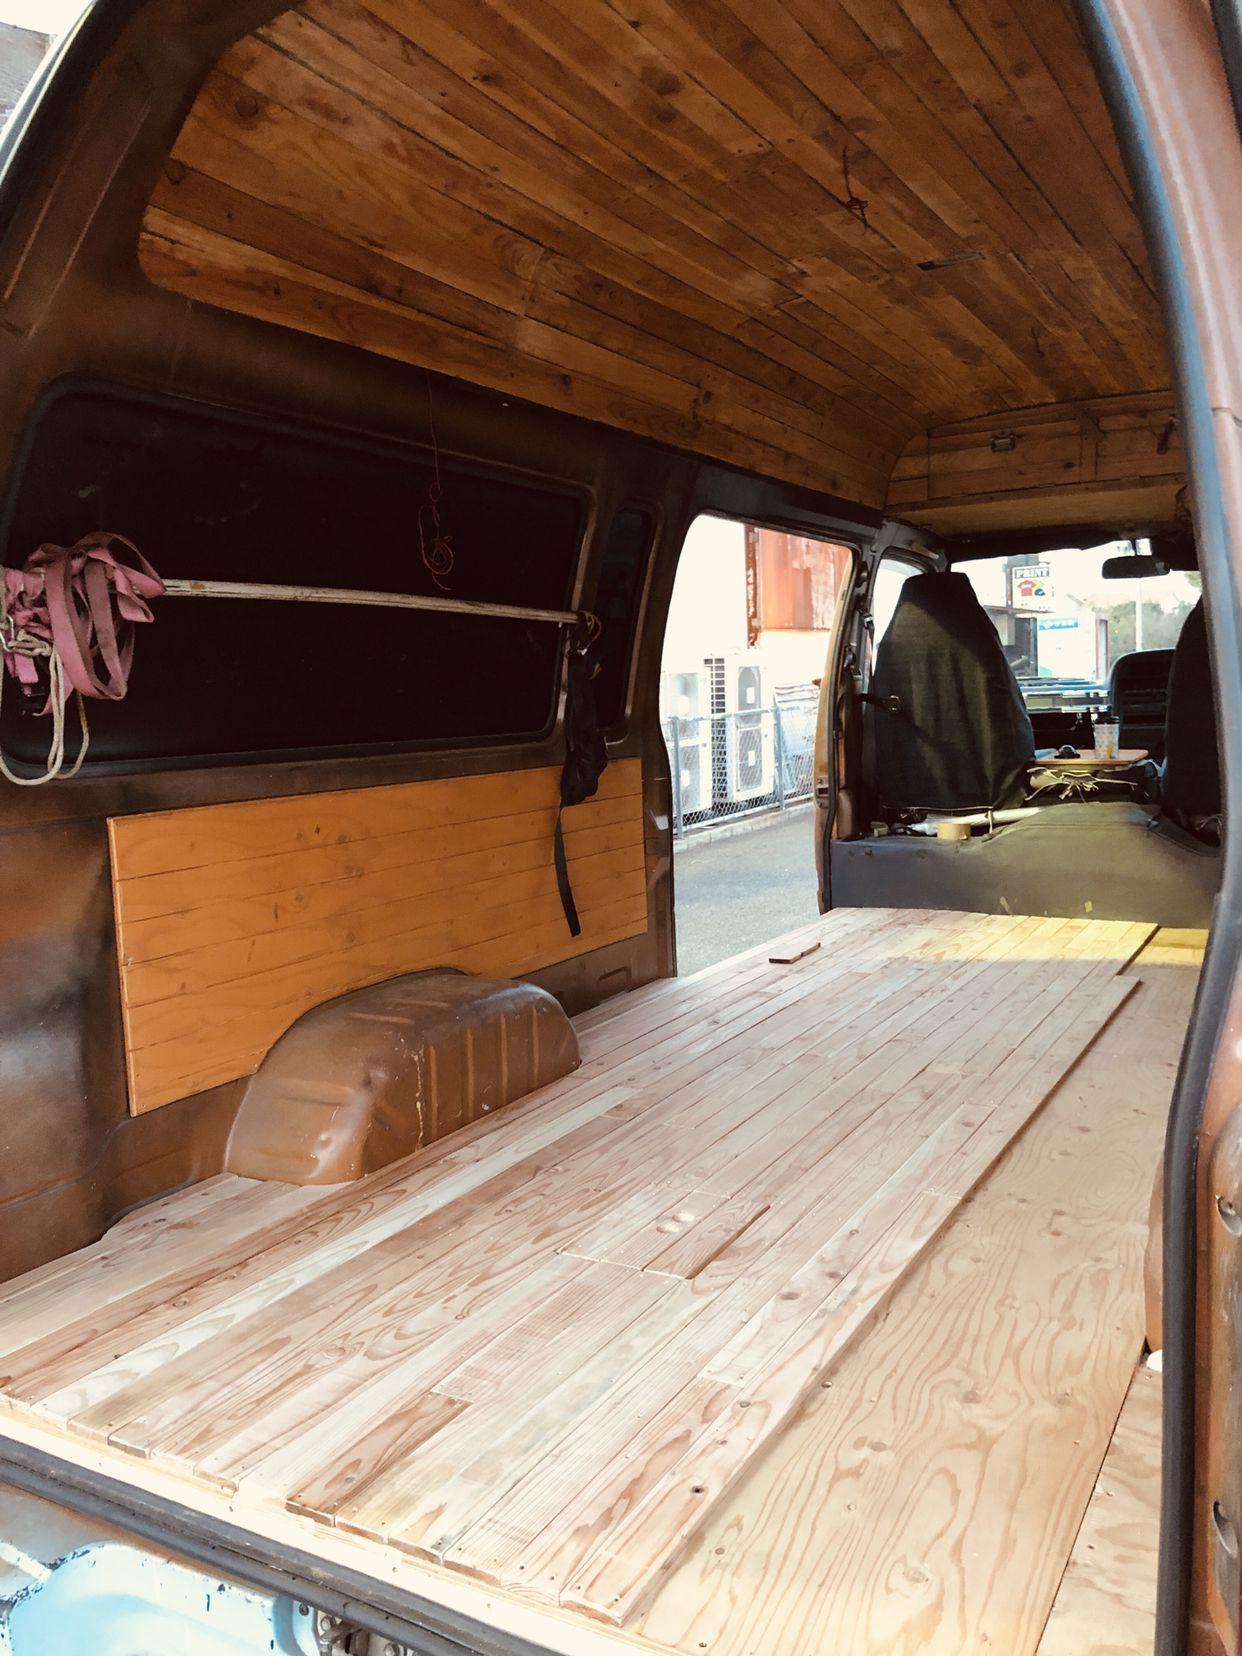 床材化粧板貼り ハイエース 内装 ハイエース 車 内装